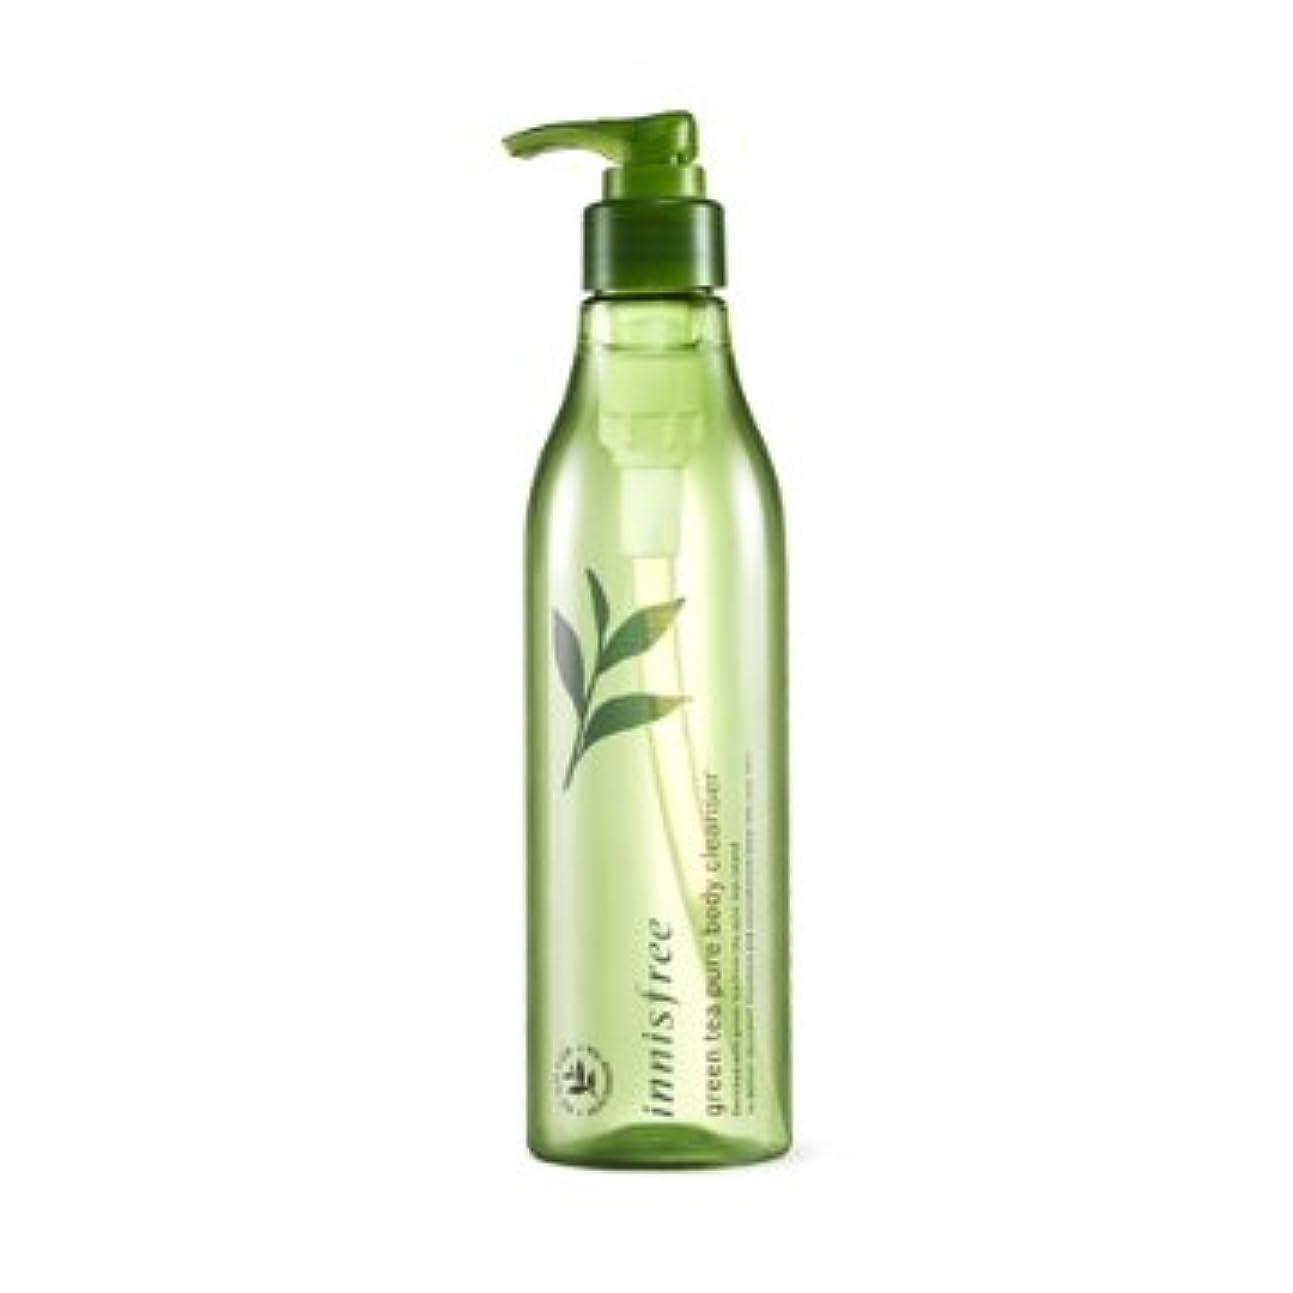 抽象化カカドゥマトン【イニスフリー】Innisfree green tea pure body cleanser - 300ml (韓国直送品) (SHOPPINGINSTAGRAM)